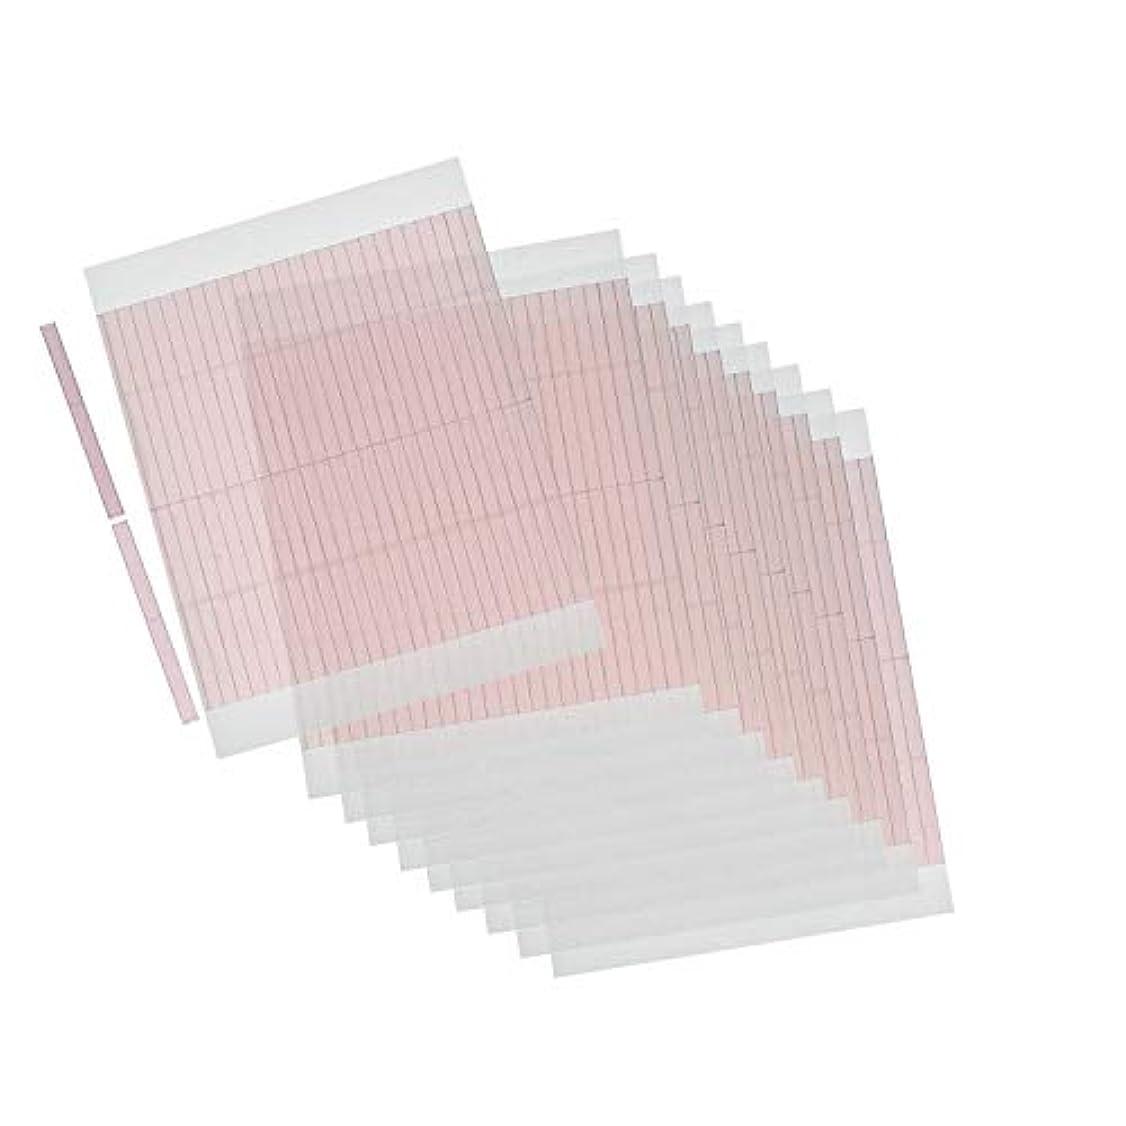 擬人化表向き陰気m.tivance アイテープ 二重瞼形成 二重テープ 10シートセット 520本入り/アイテープ10枚セット